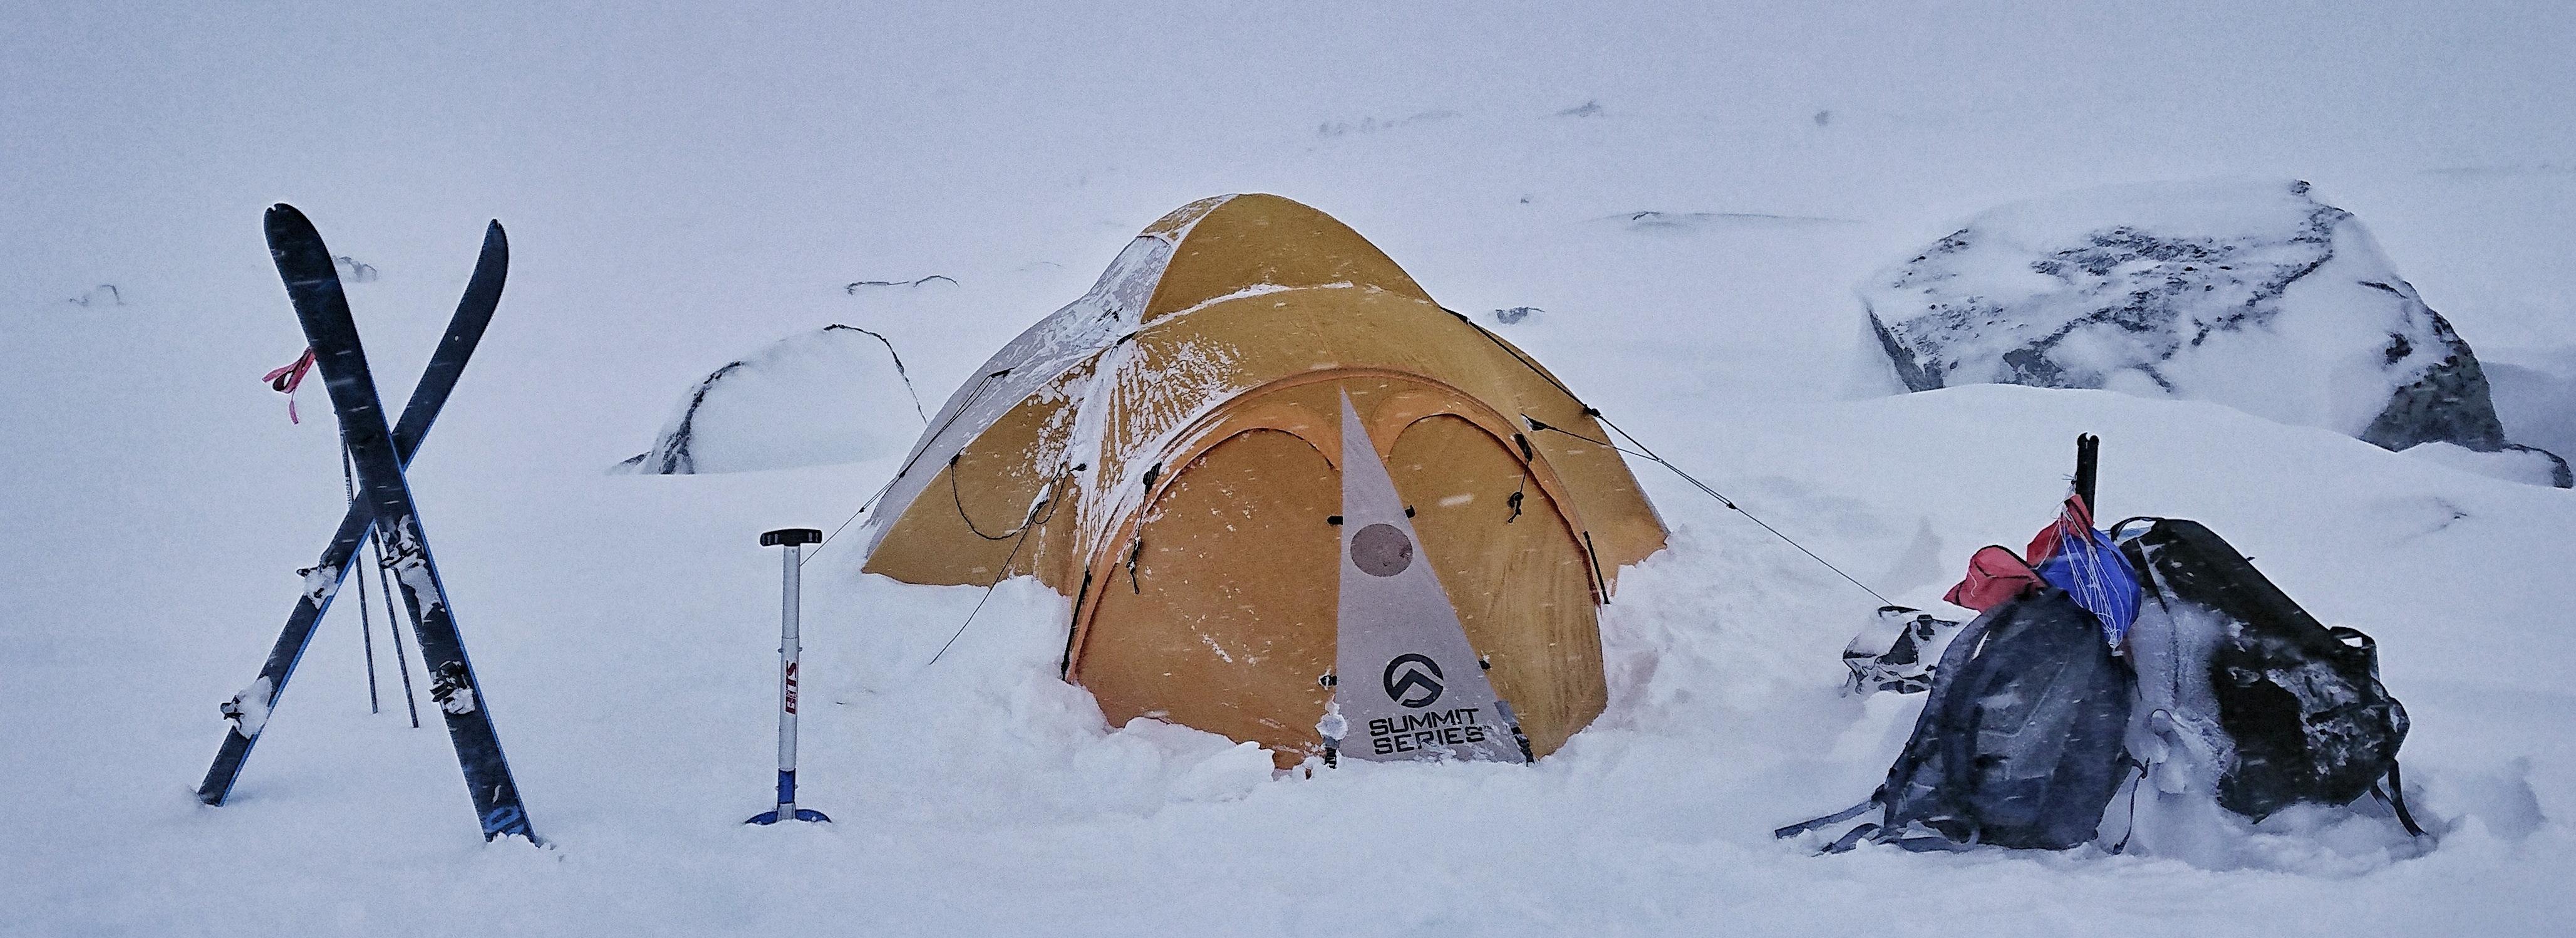 Camping Hook opp spenning